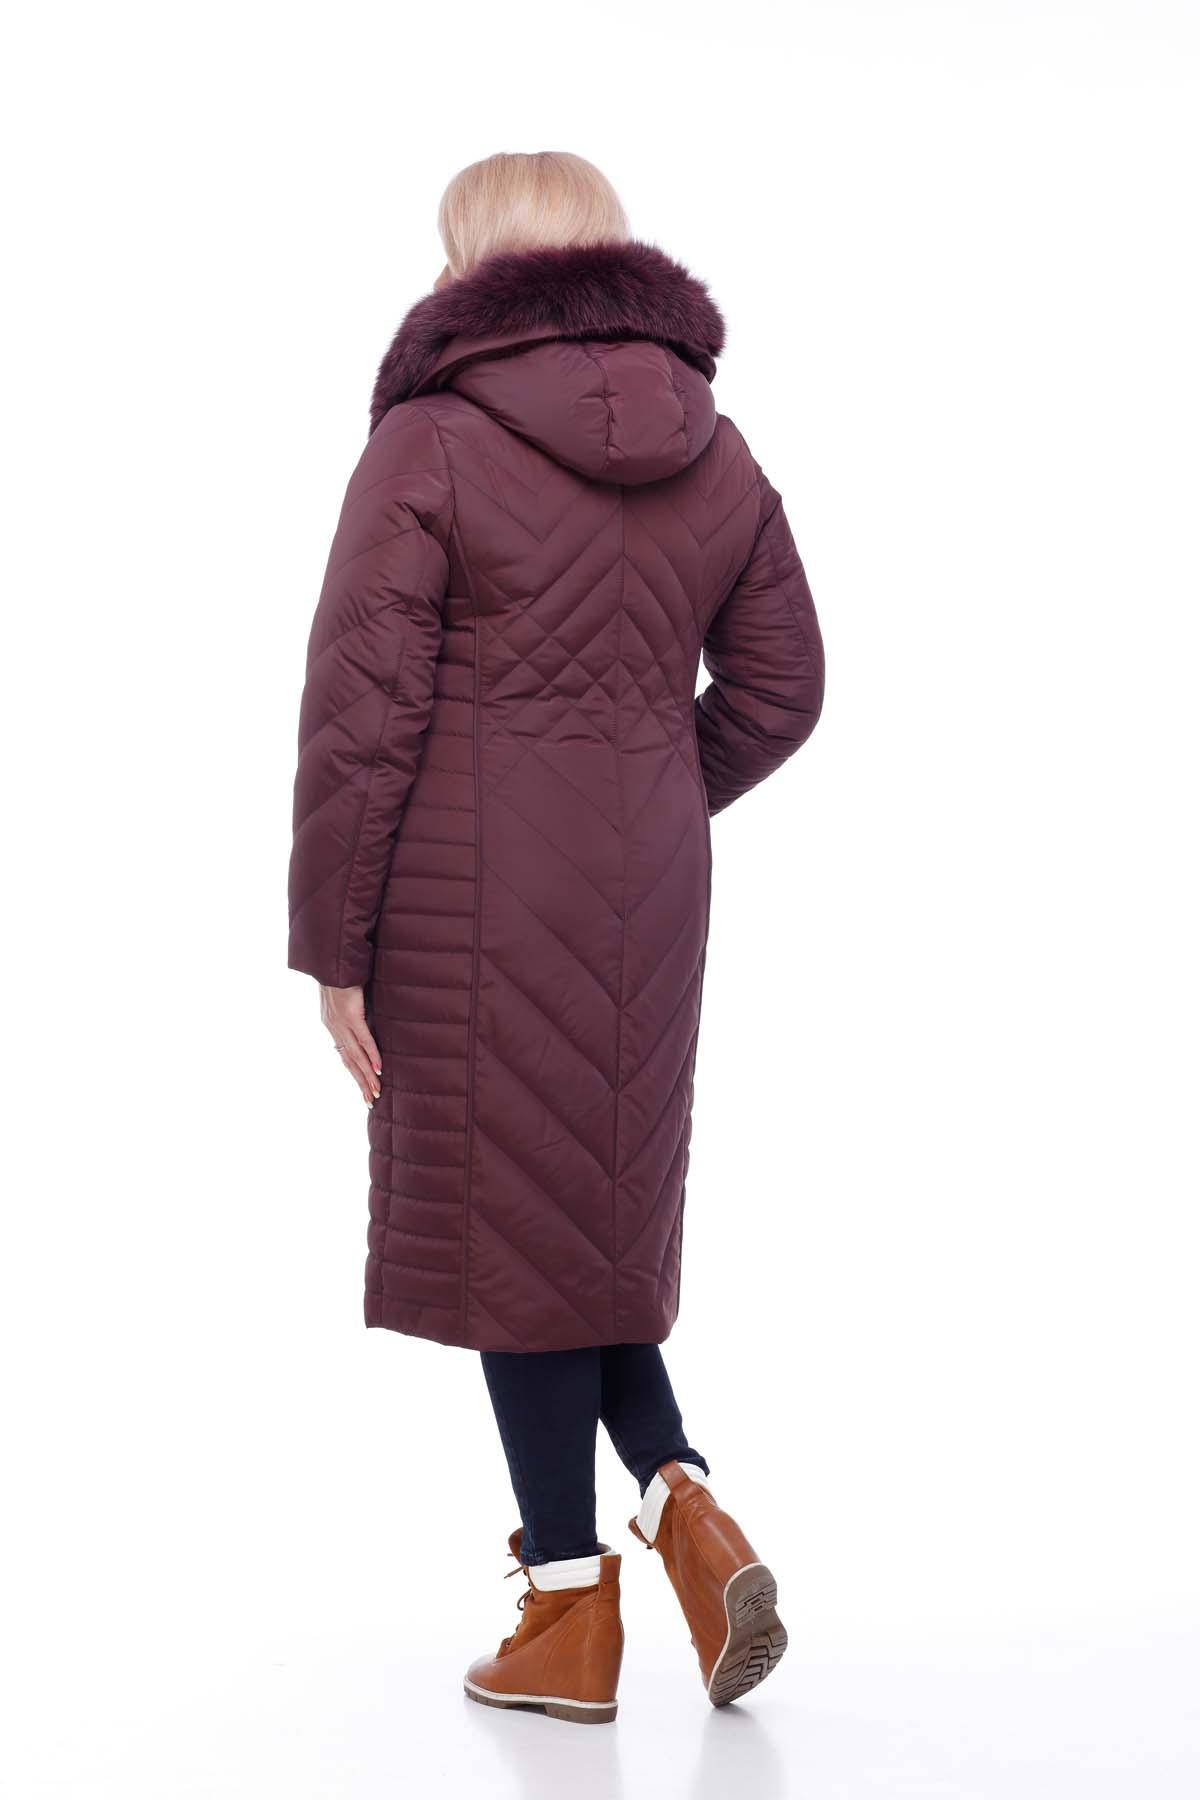 Зимове пальто Міра песець Зима марсала